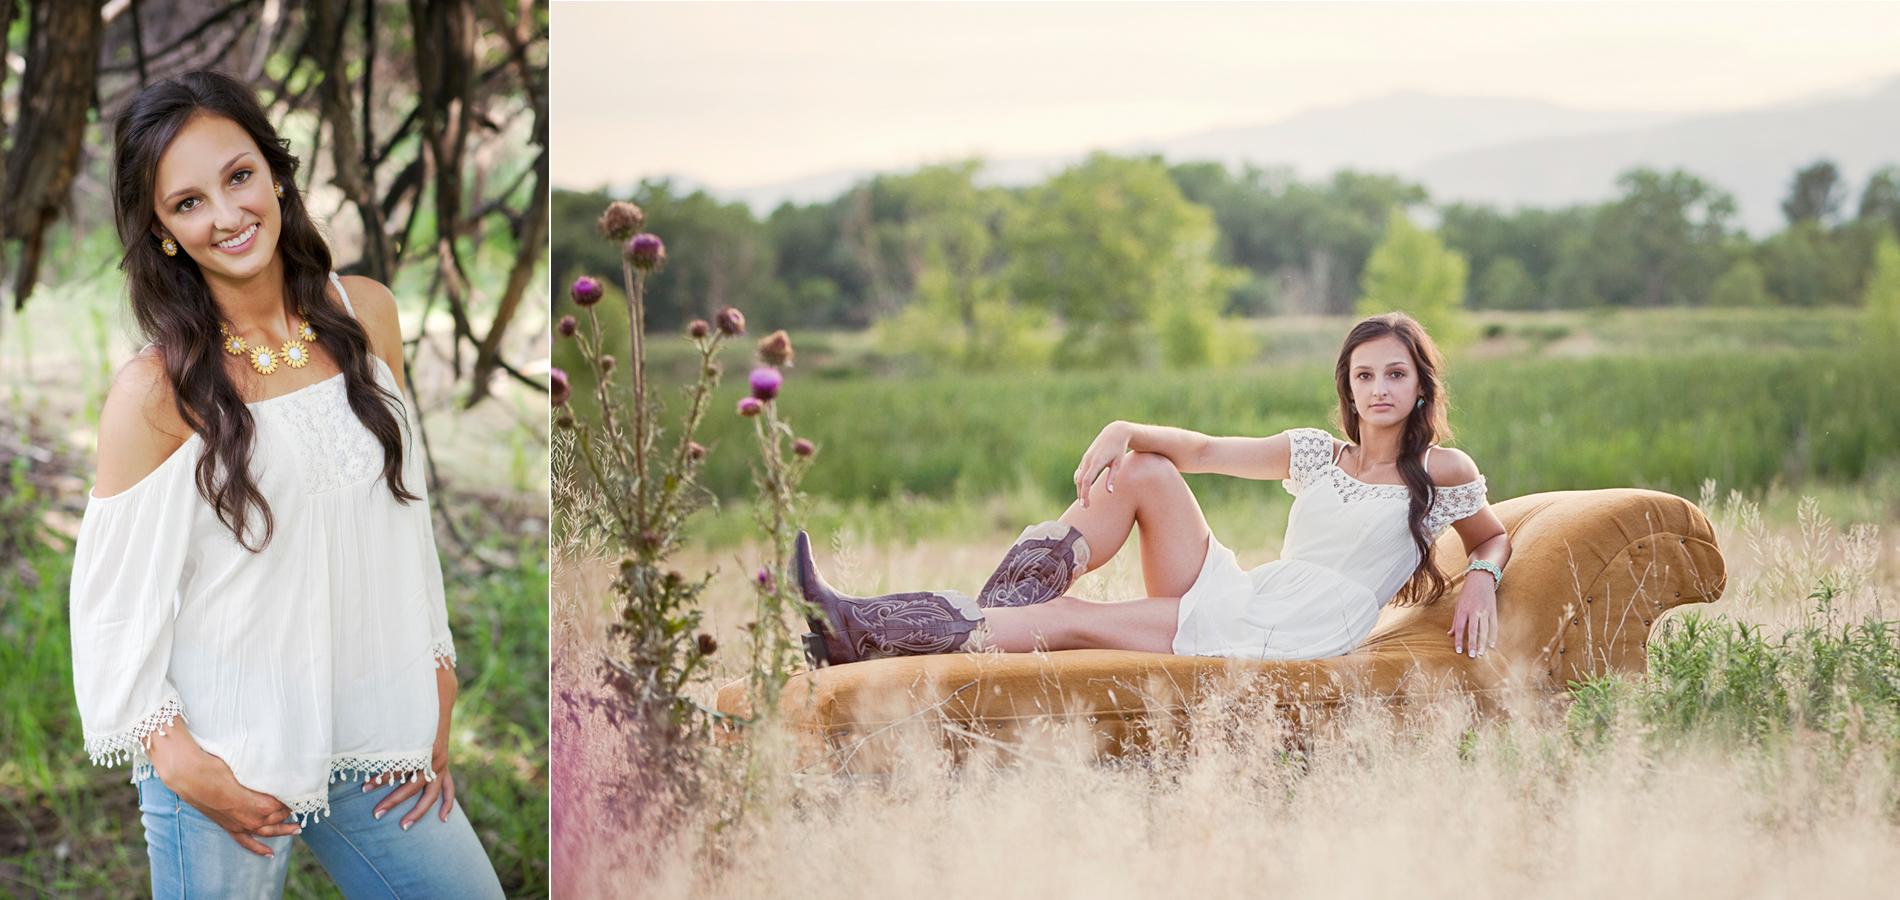 senior-session-collage-senior-girl-chaise